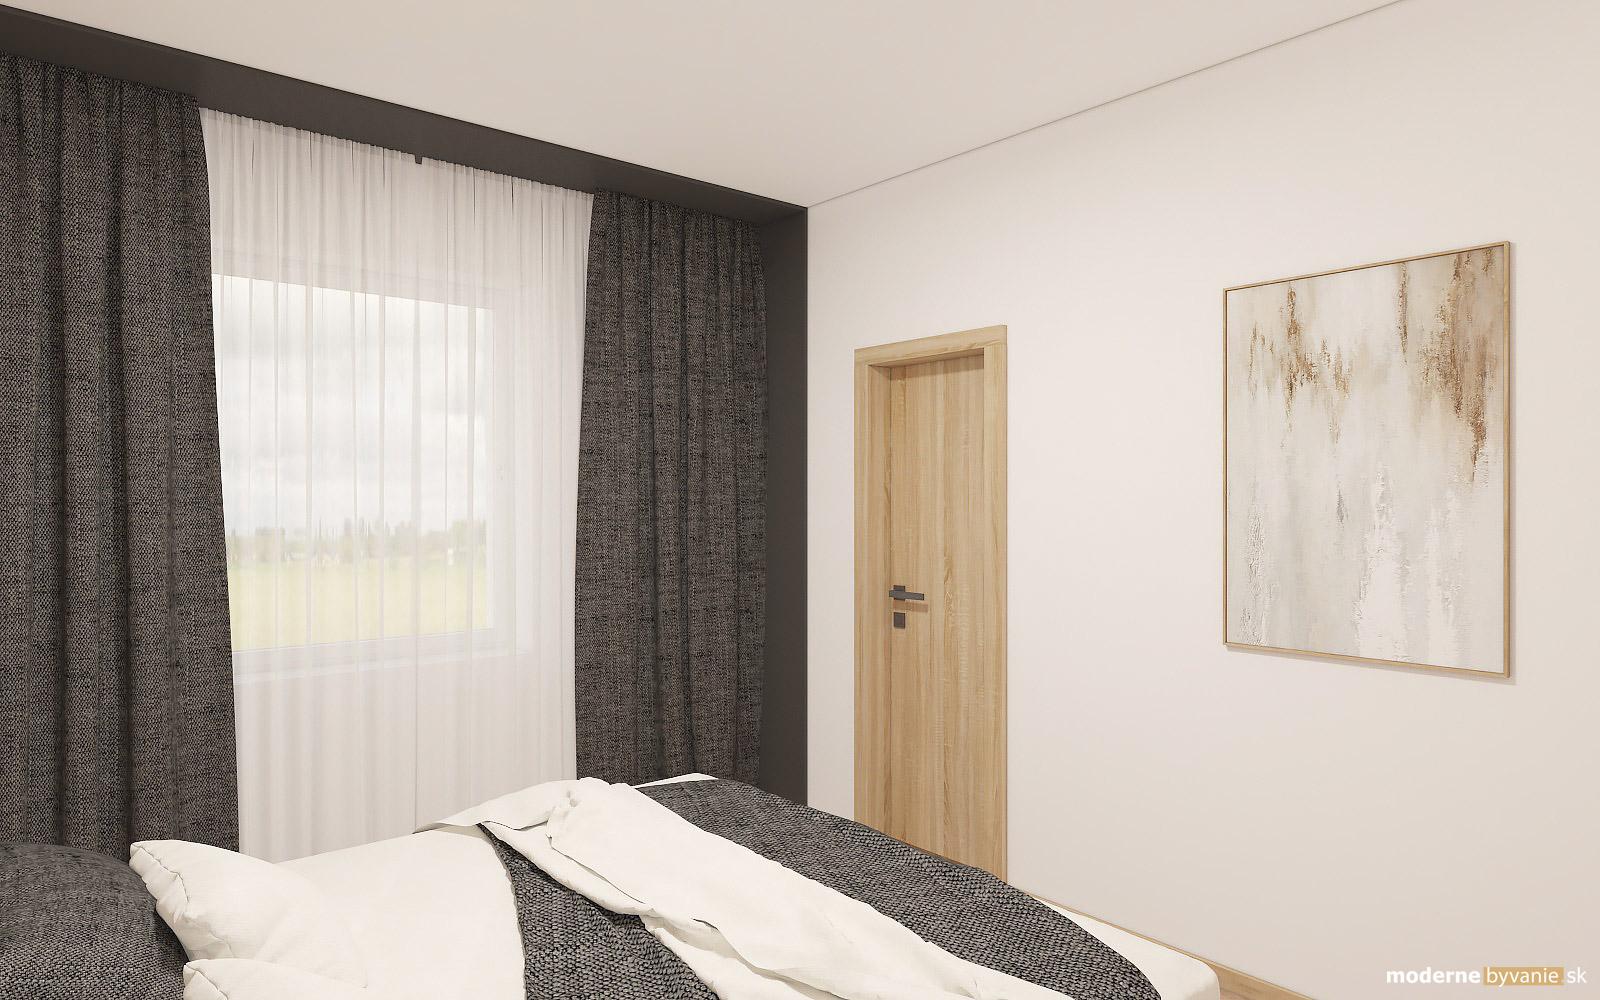 Návrh interiéru-Spálňa-Návrh interiéru domu v Cíferi